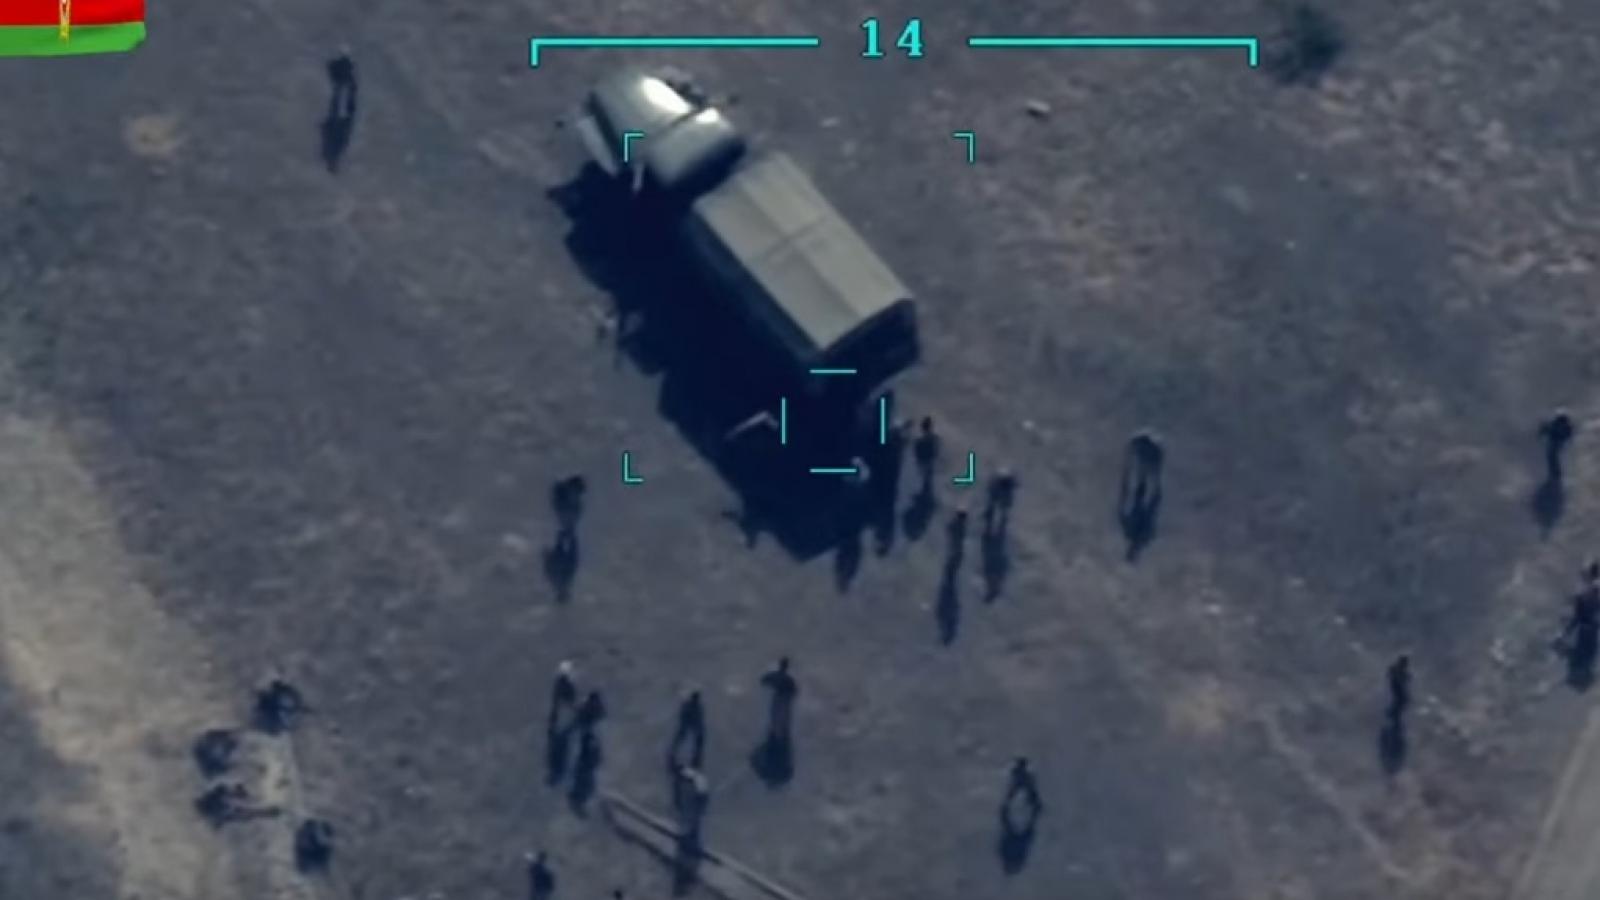 Ám ảnh cảnh Azerbaijan dùng UAV  tấn công các vị trí của Armenia ở Karabakh